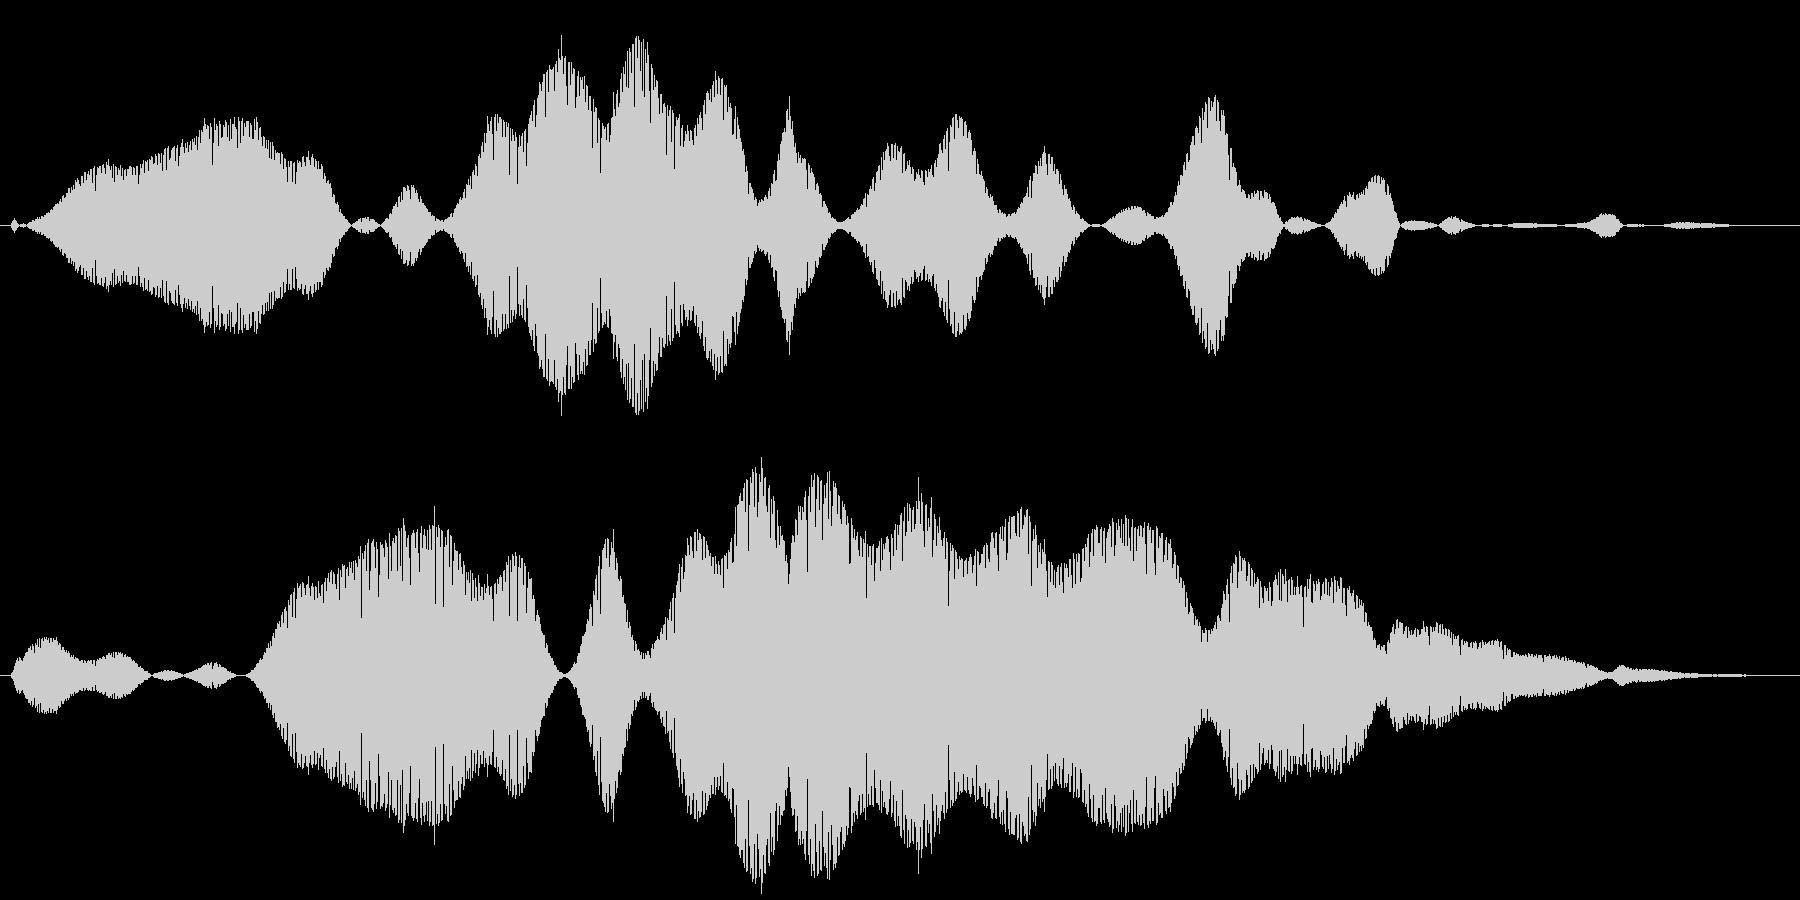 ブーン、とハエが飛ぶ音ですの未再生の波形